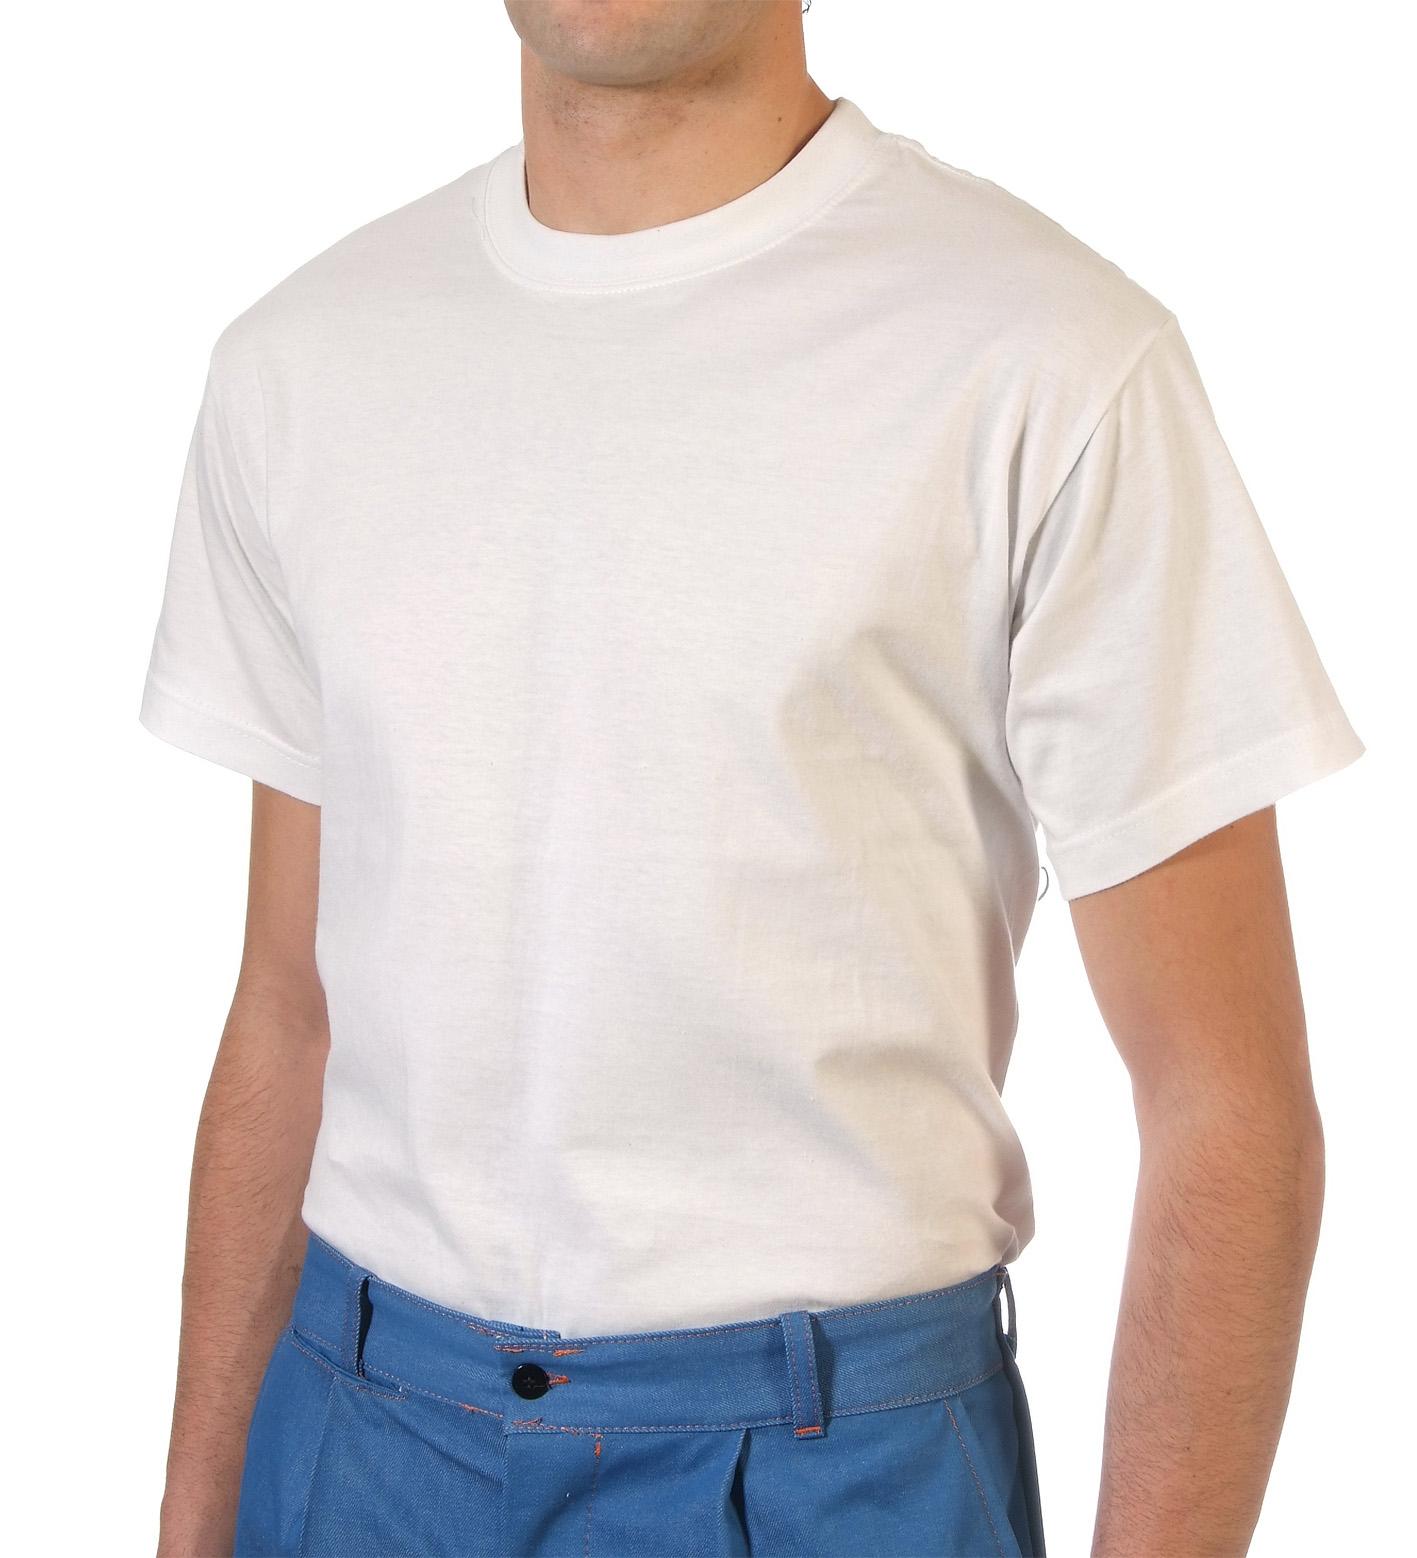 Short sleeve white cotton t-shirt Image